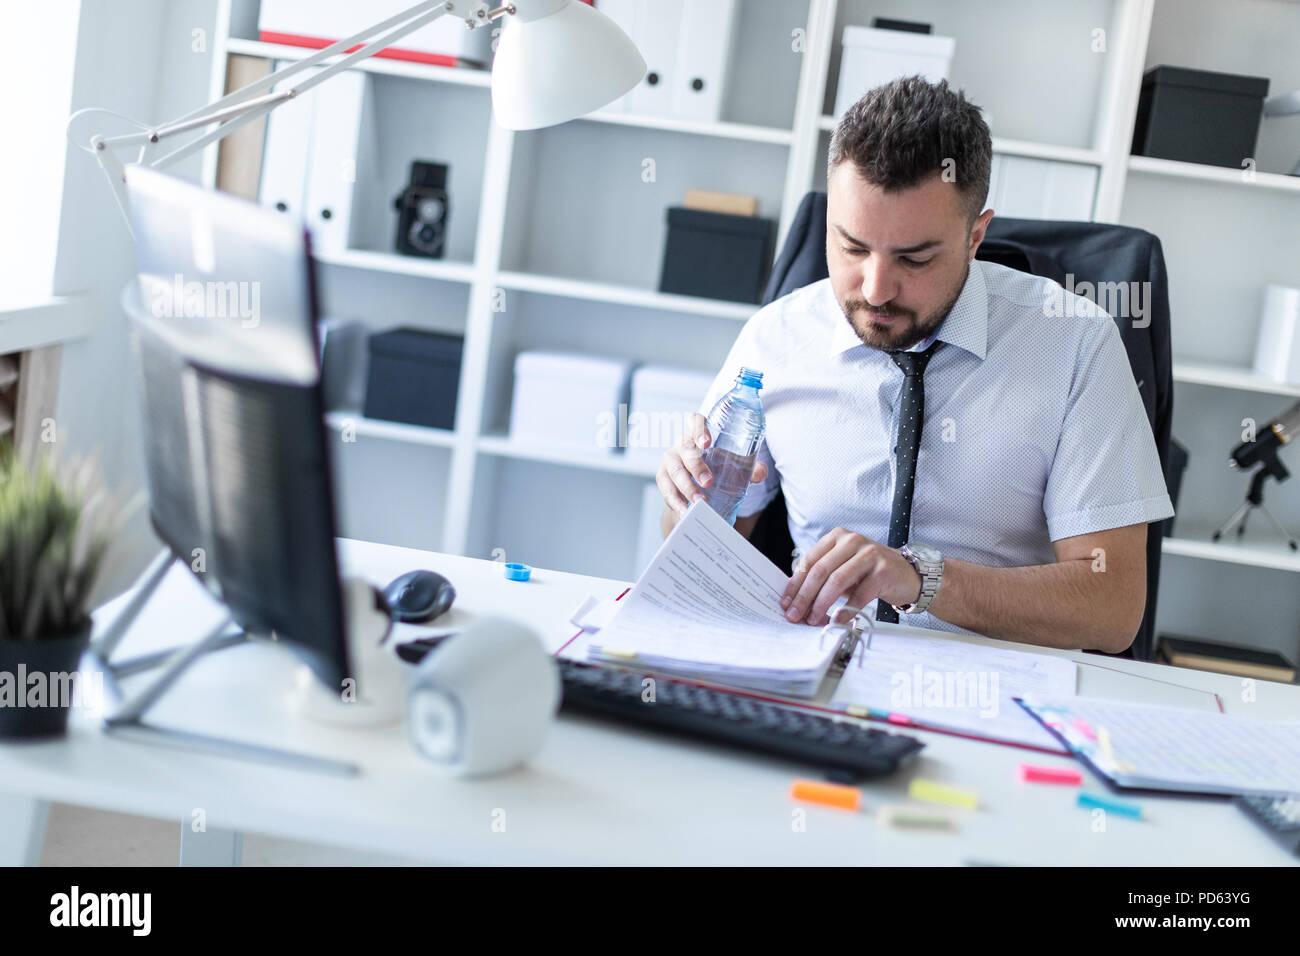 Un homme est assis à une table dans le bureau, l'utilisation de documents et en tenant une bouteille d'eau dans sa main. Photo Stock